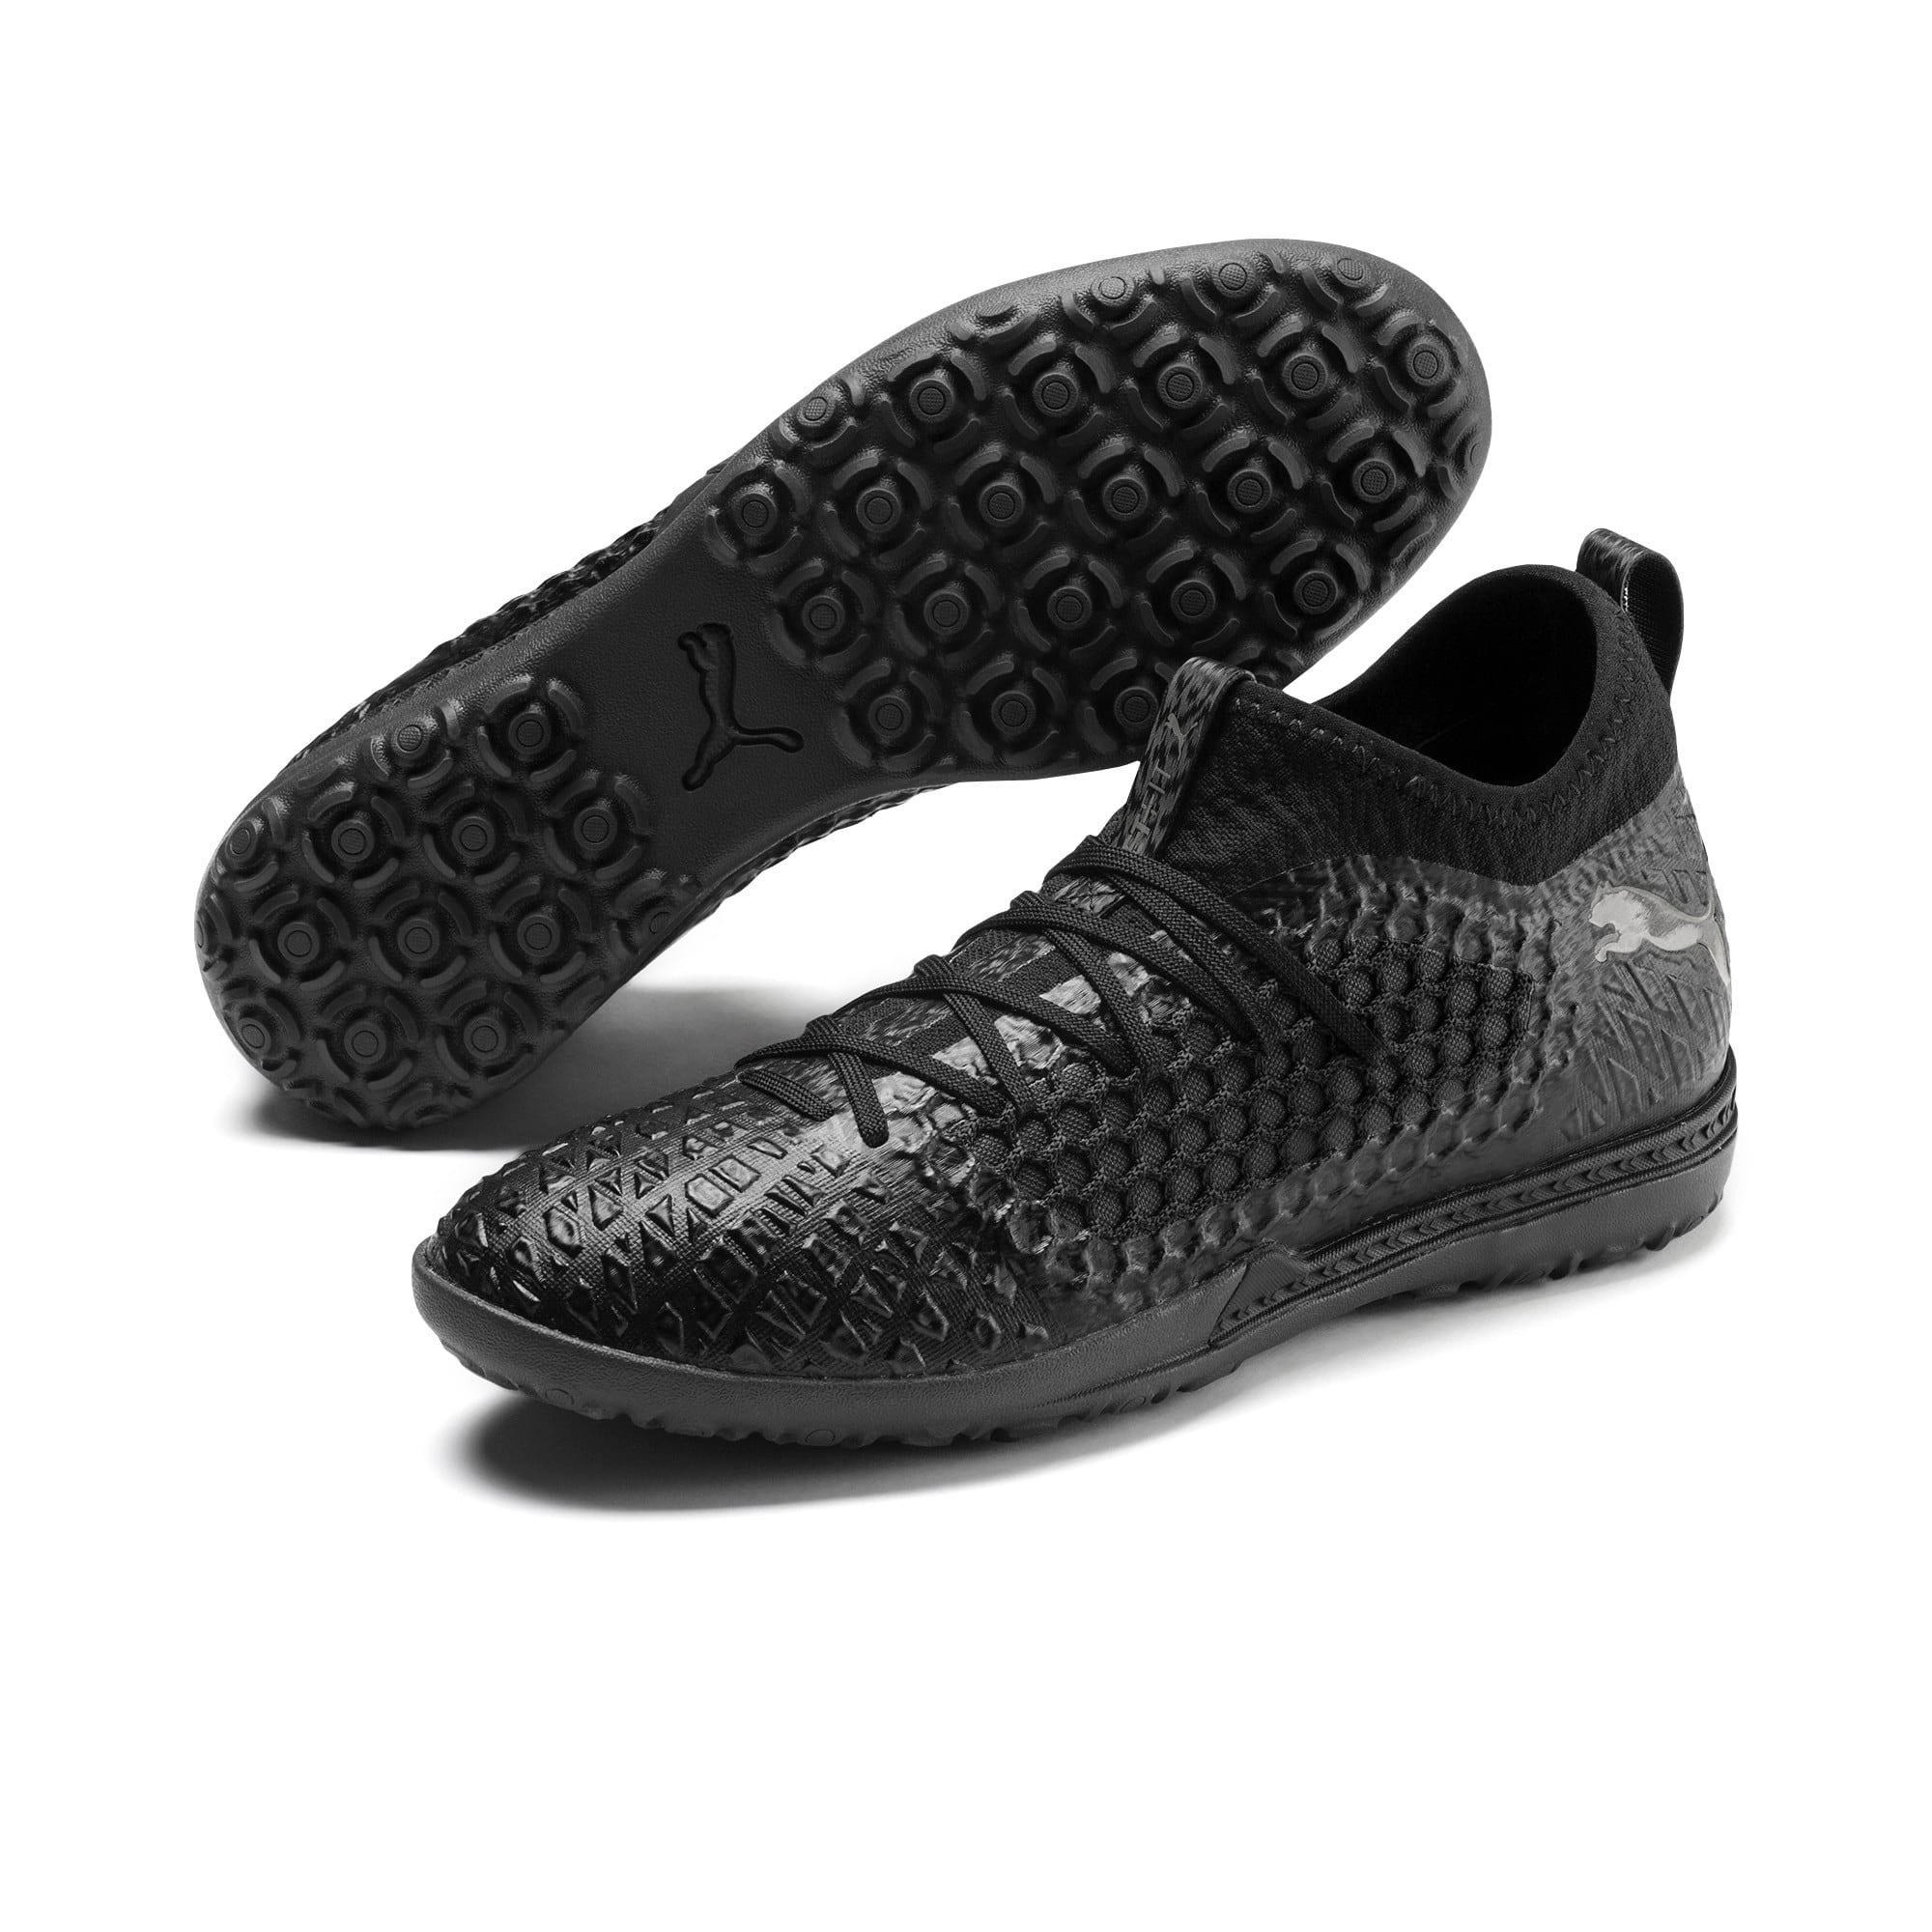 Thumbnail 3 of FUTURE 4.3 NETFIT TT Men's Soccer Shoes, Black-Black-Puma Aged Silver, medium